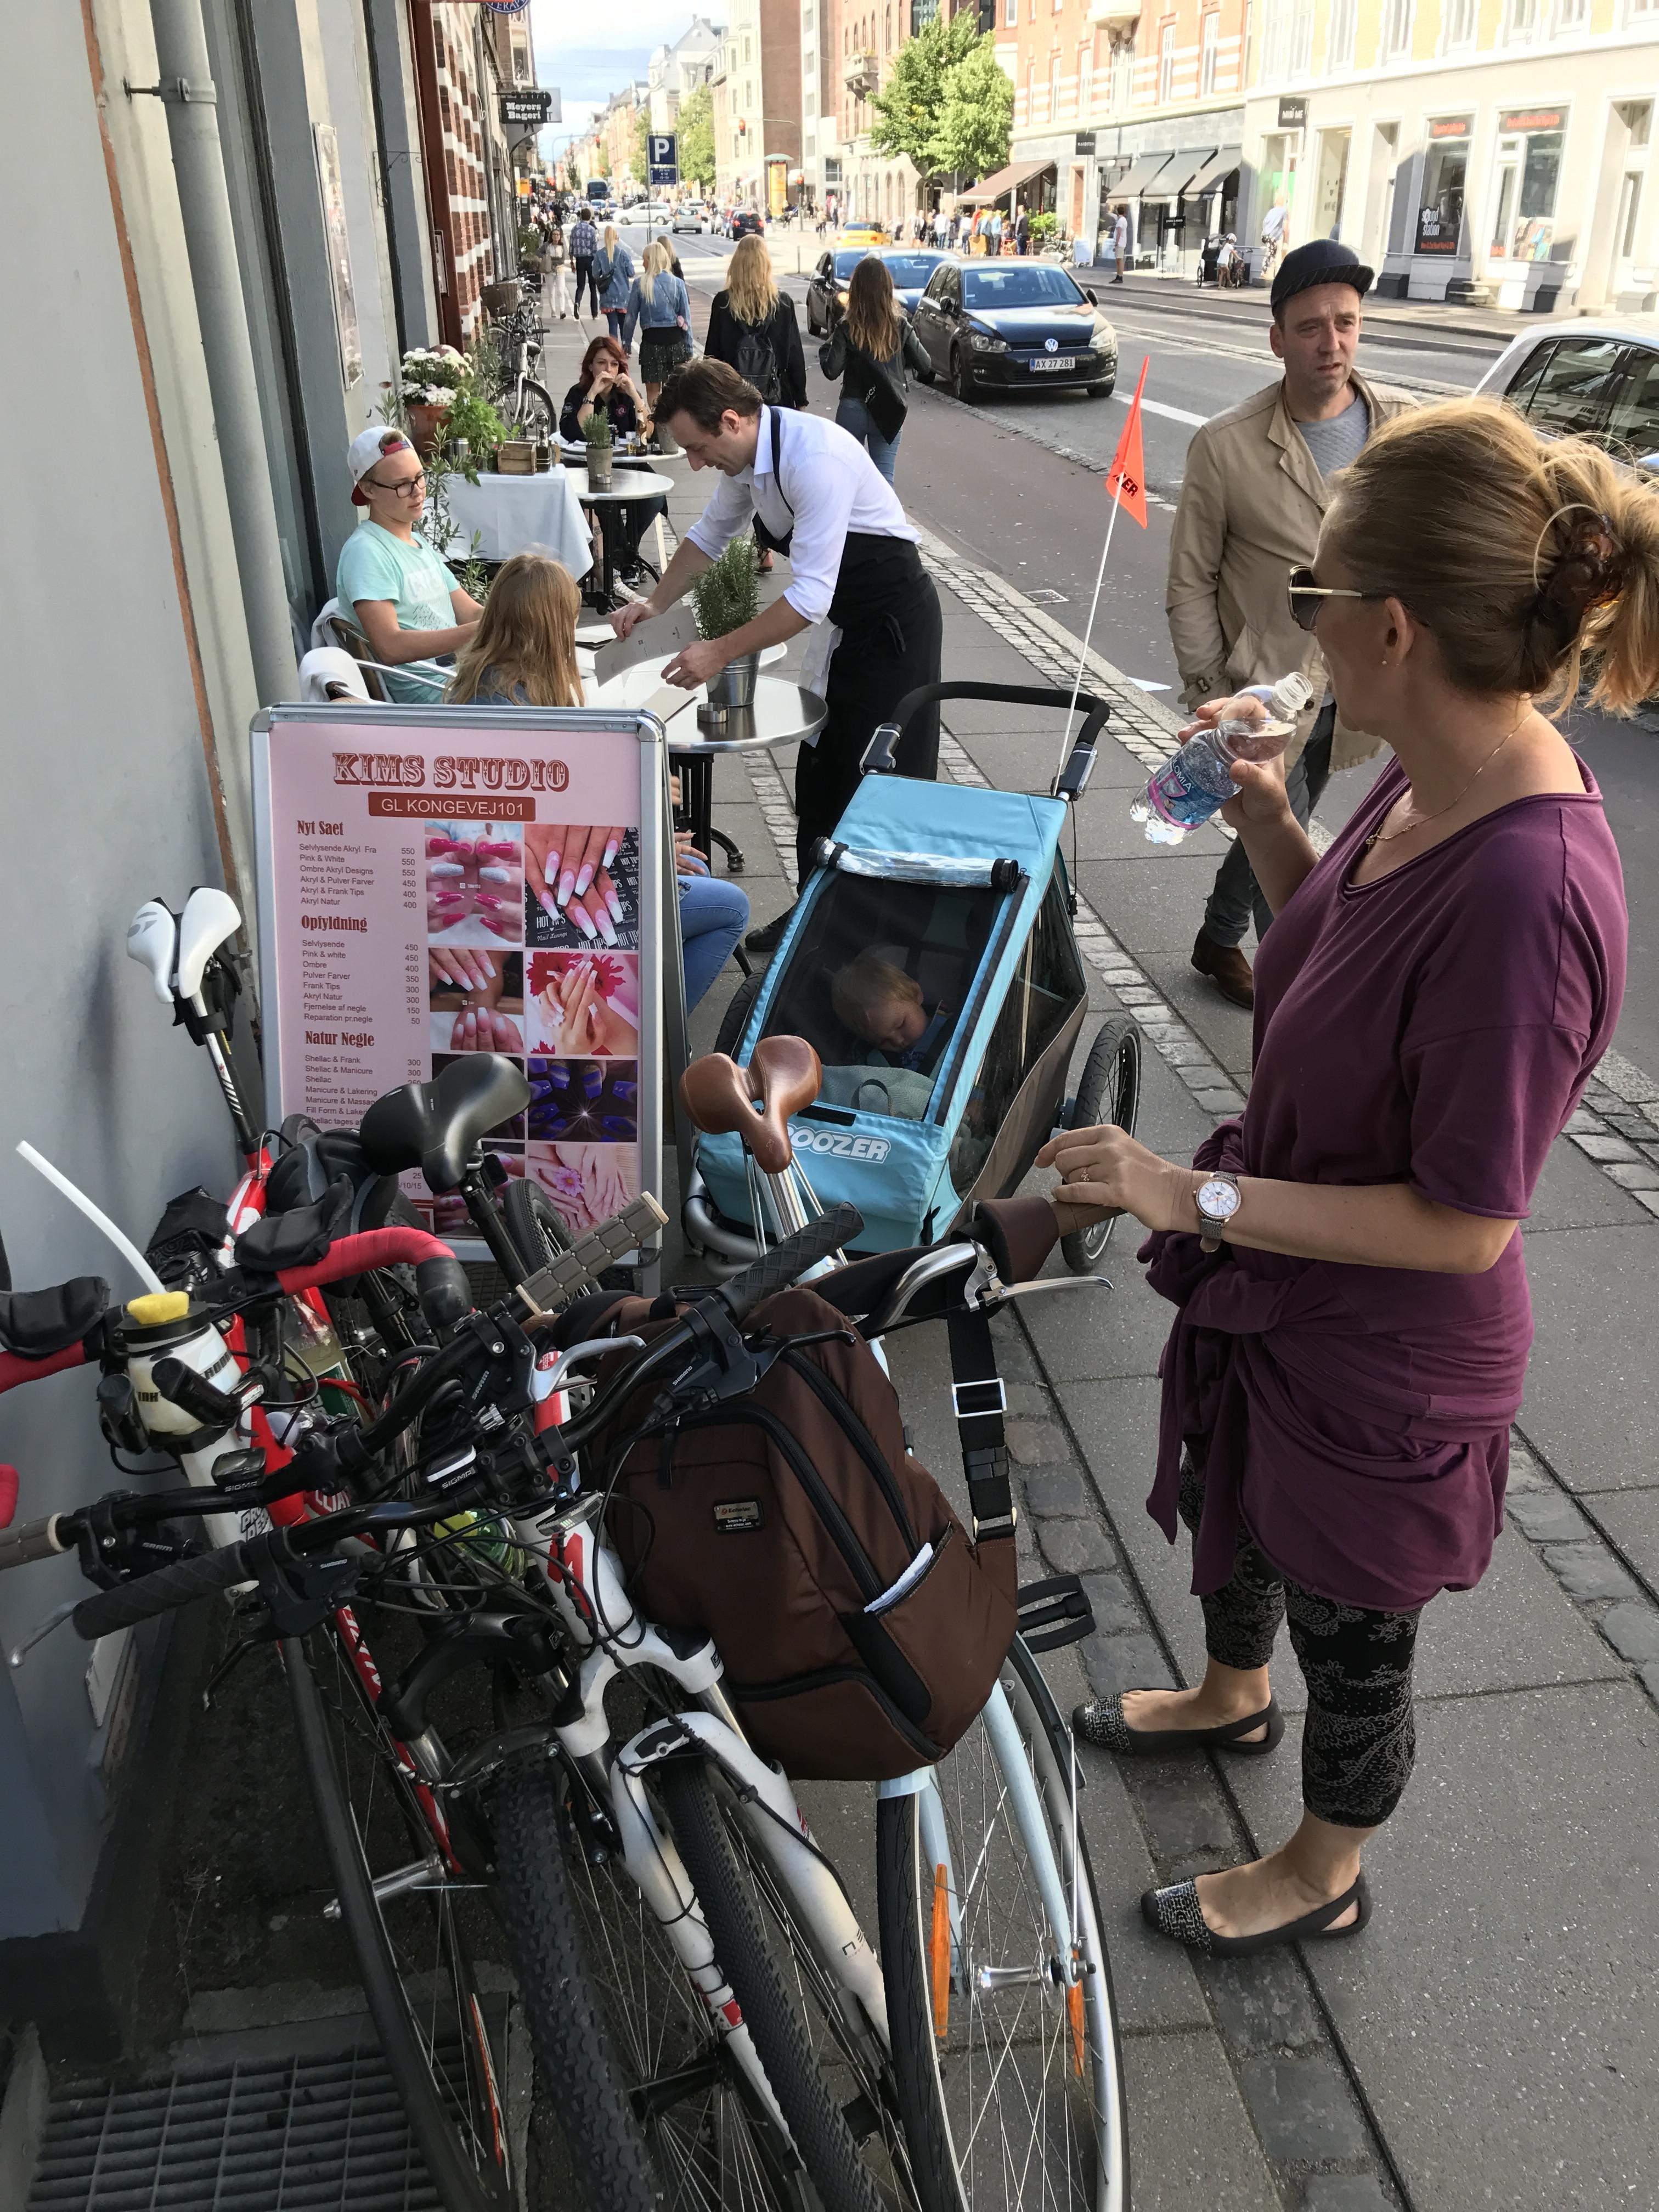 rowery przy restauracji